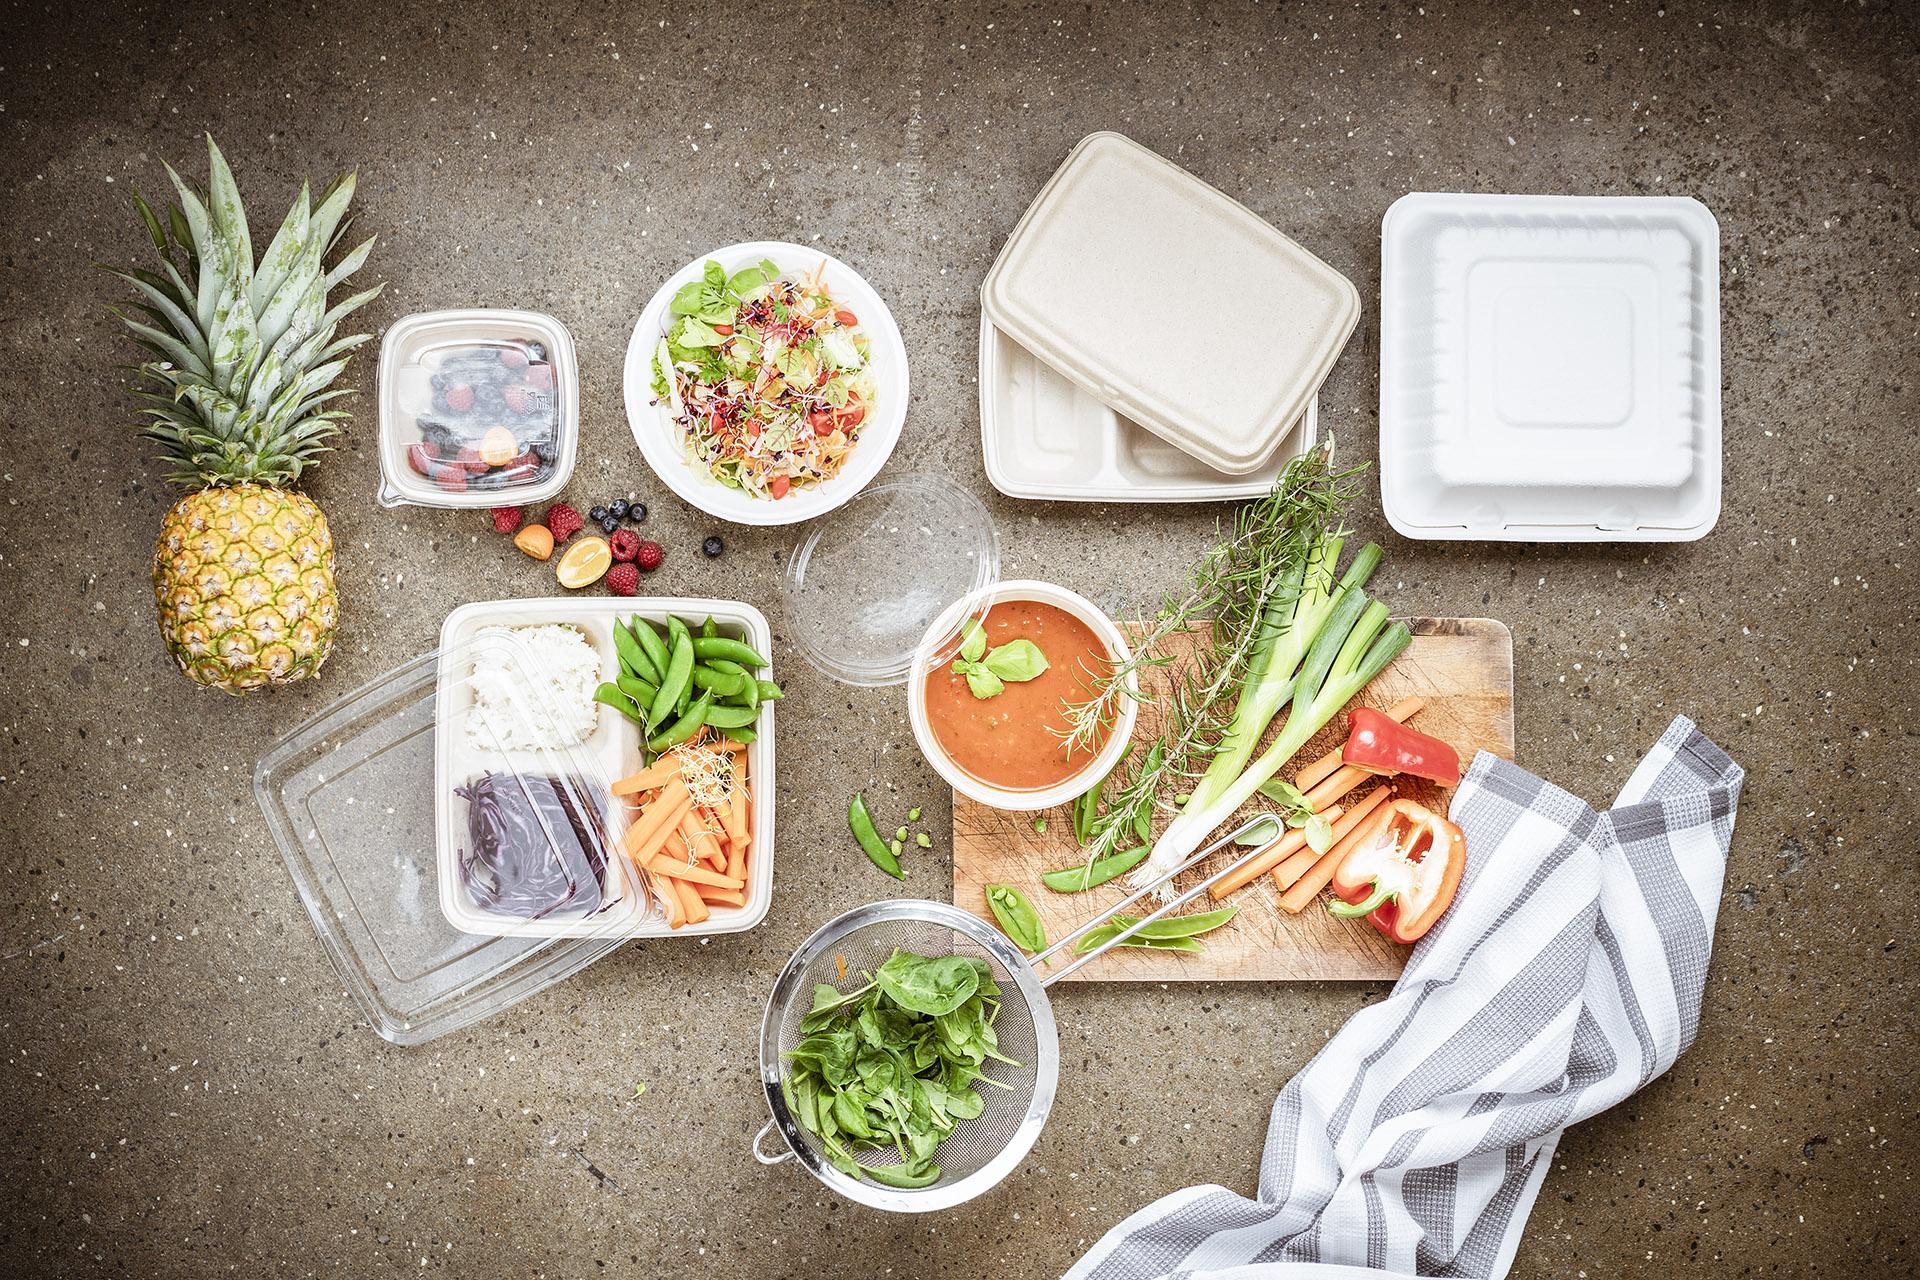 Fotowerk Foodfotografie - Take-away-Verpackungen